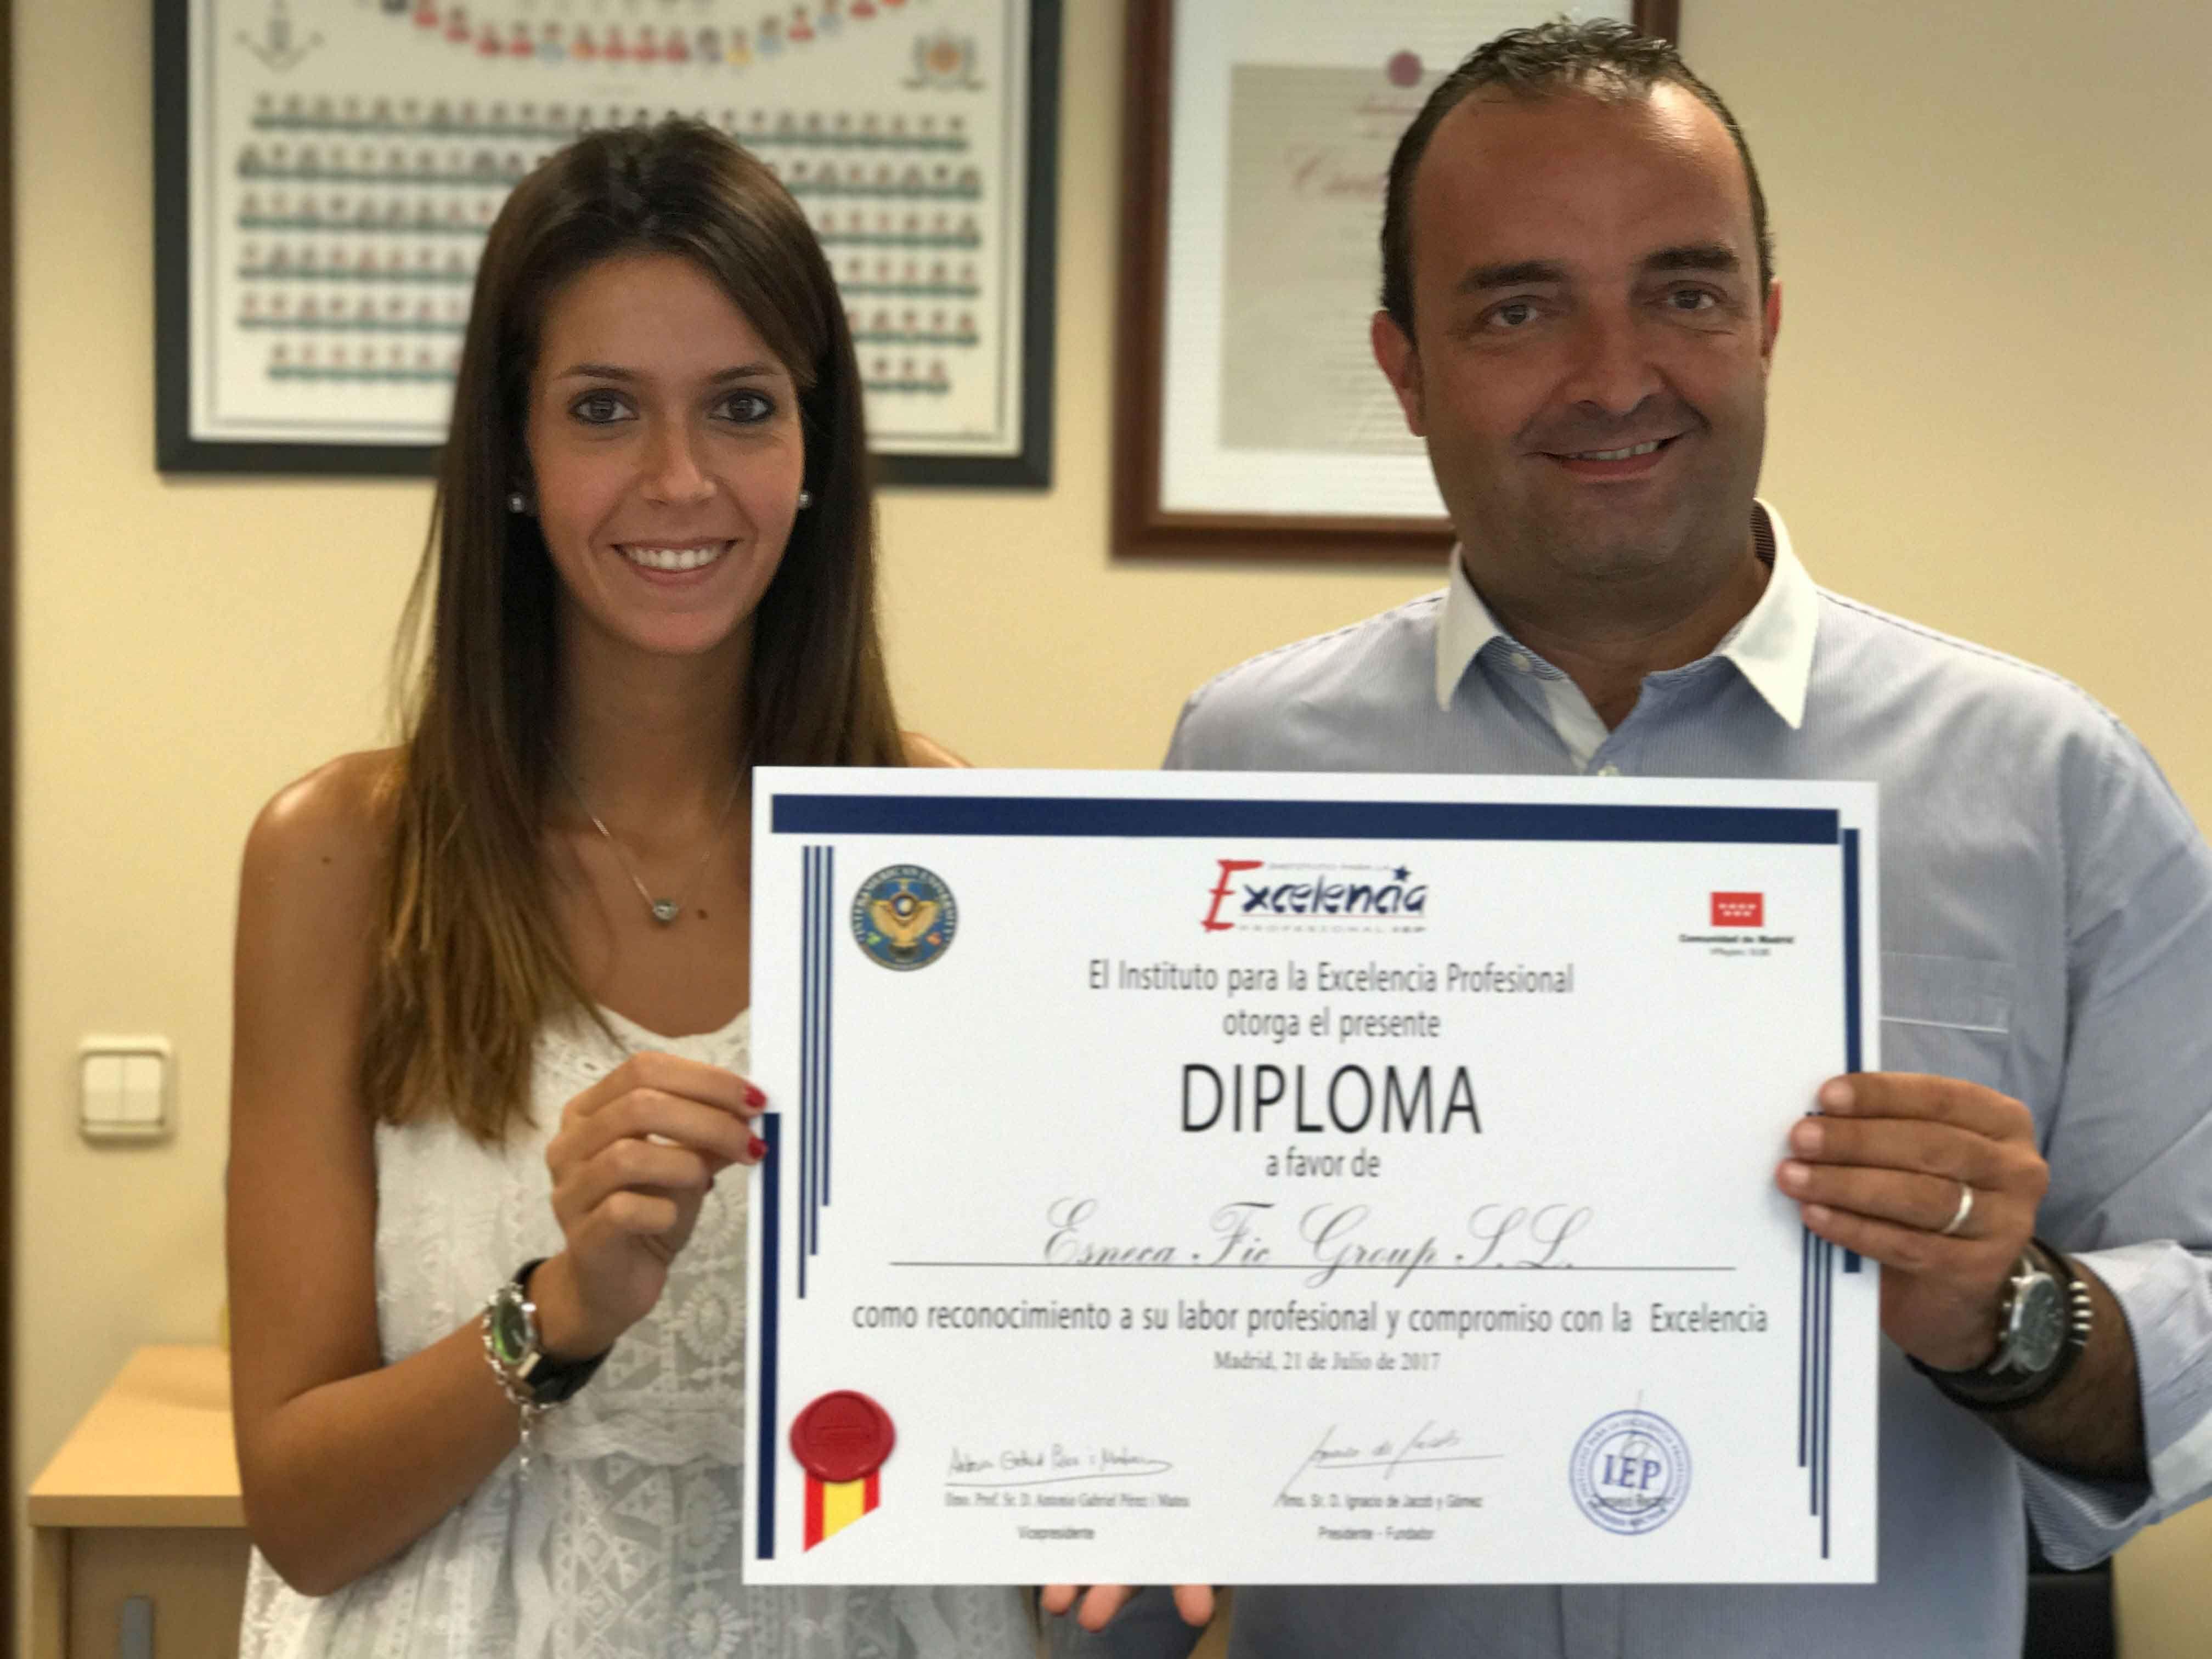 Fotografia Alberto Piñol y Gemma Panadés con el diploma entregado a